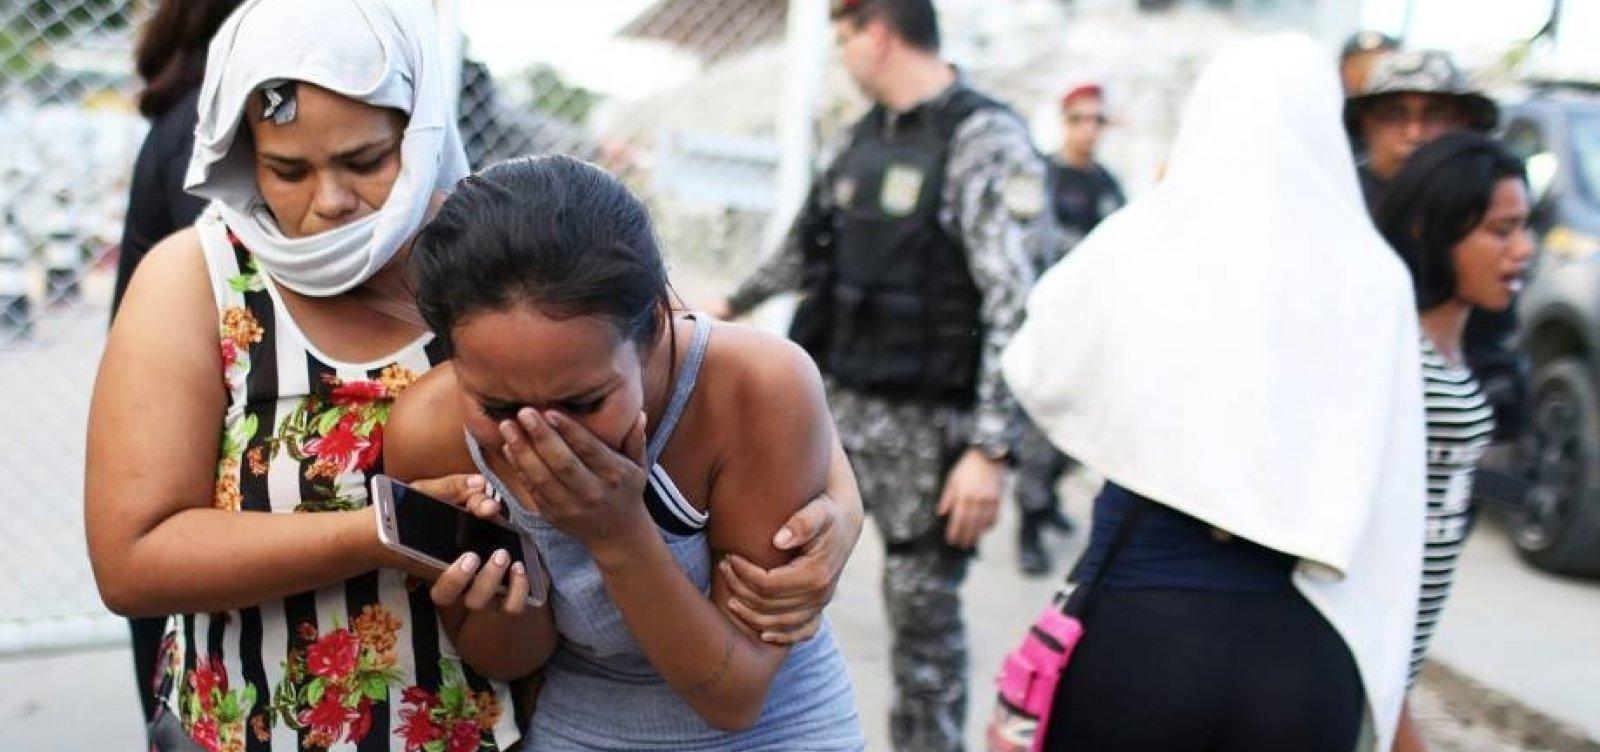 [Após 55 mortes em Manaus, nove líderes de facção serão transferidos para presídios federais]